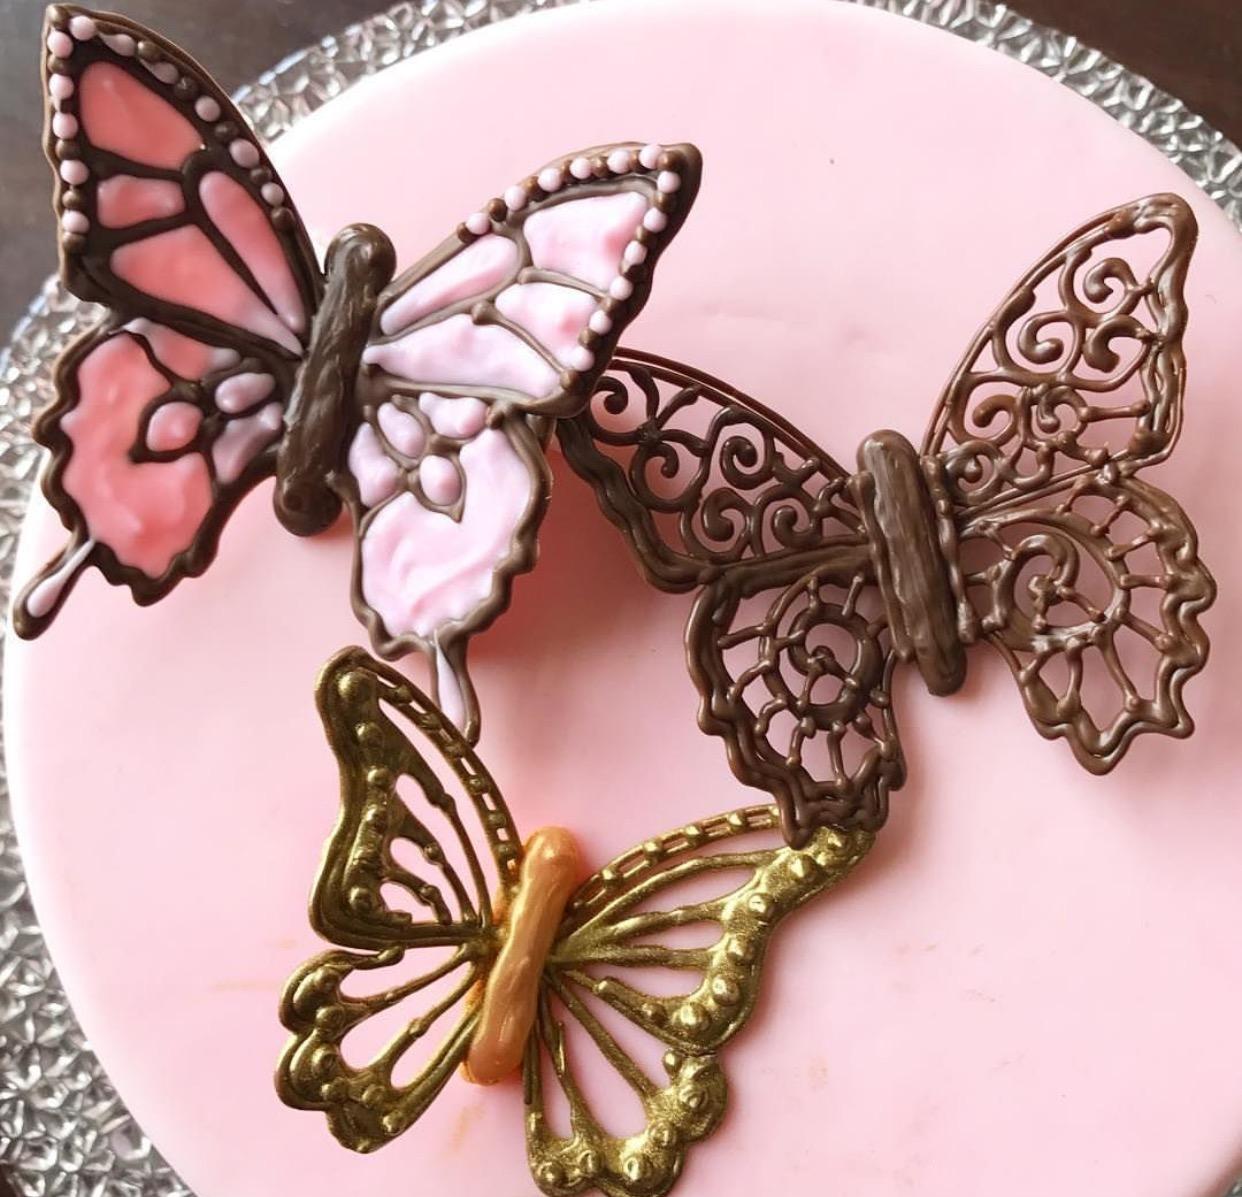 Csokoládé pillangók